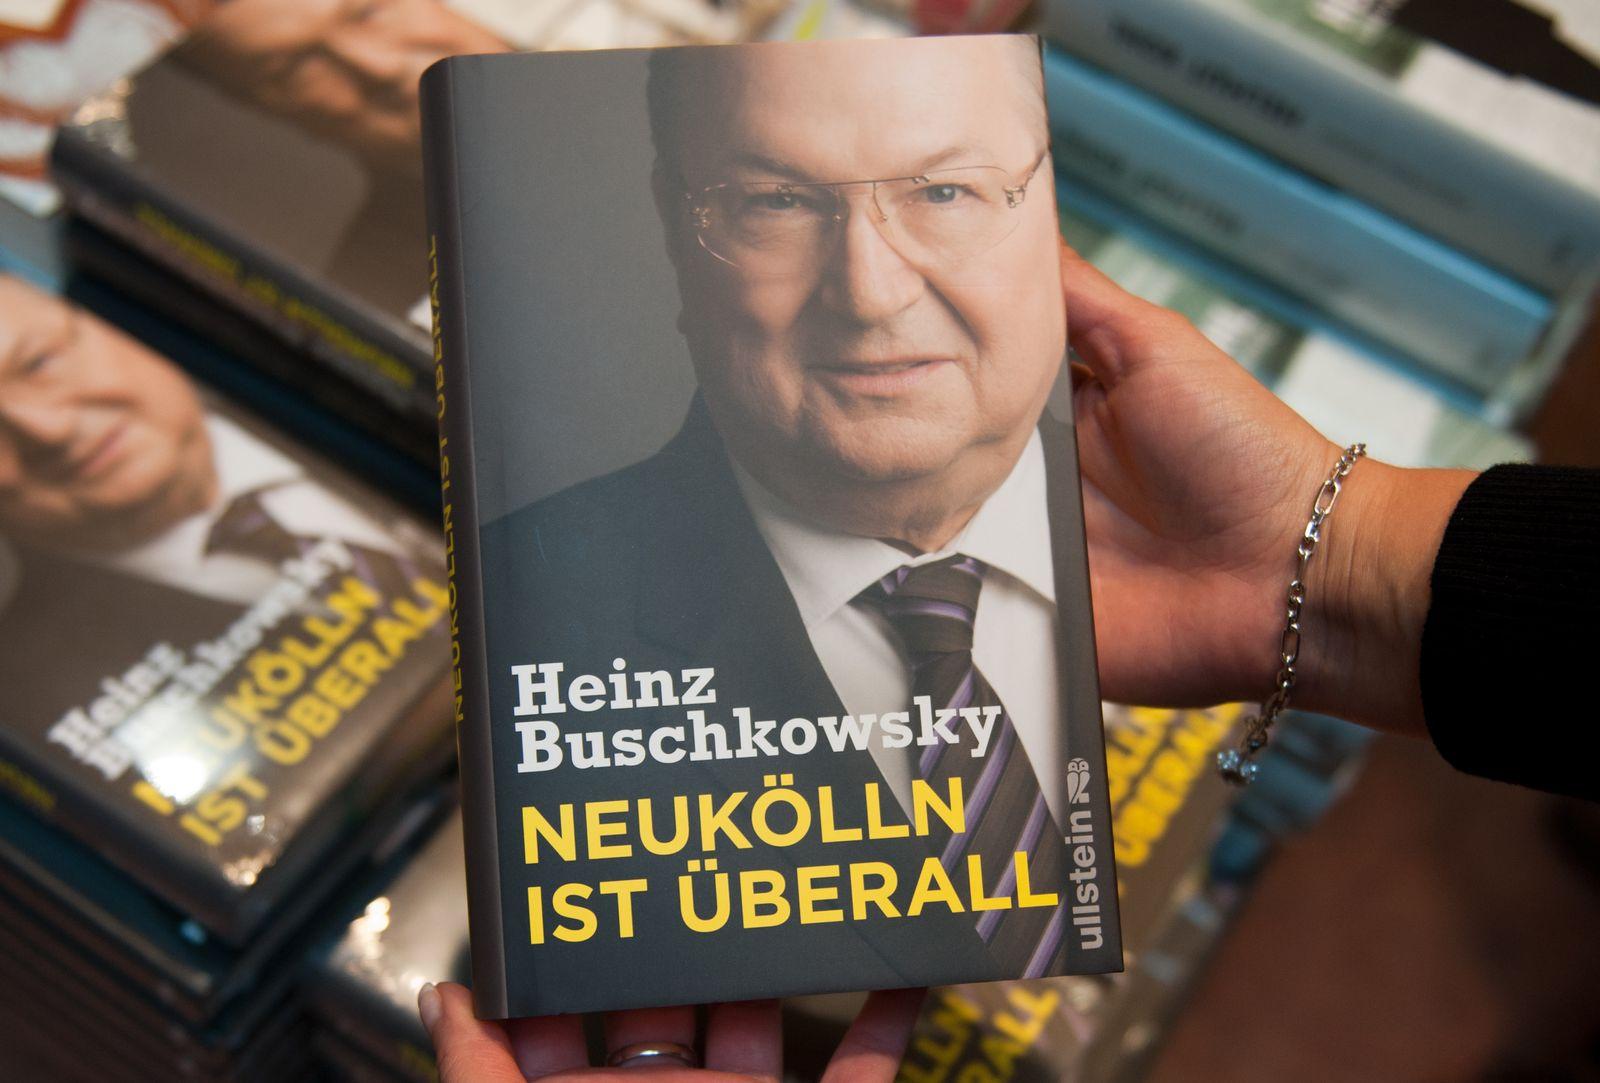 NICHT VERWENDEN Heinz Buschkowsky / Neukölln ist überall